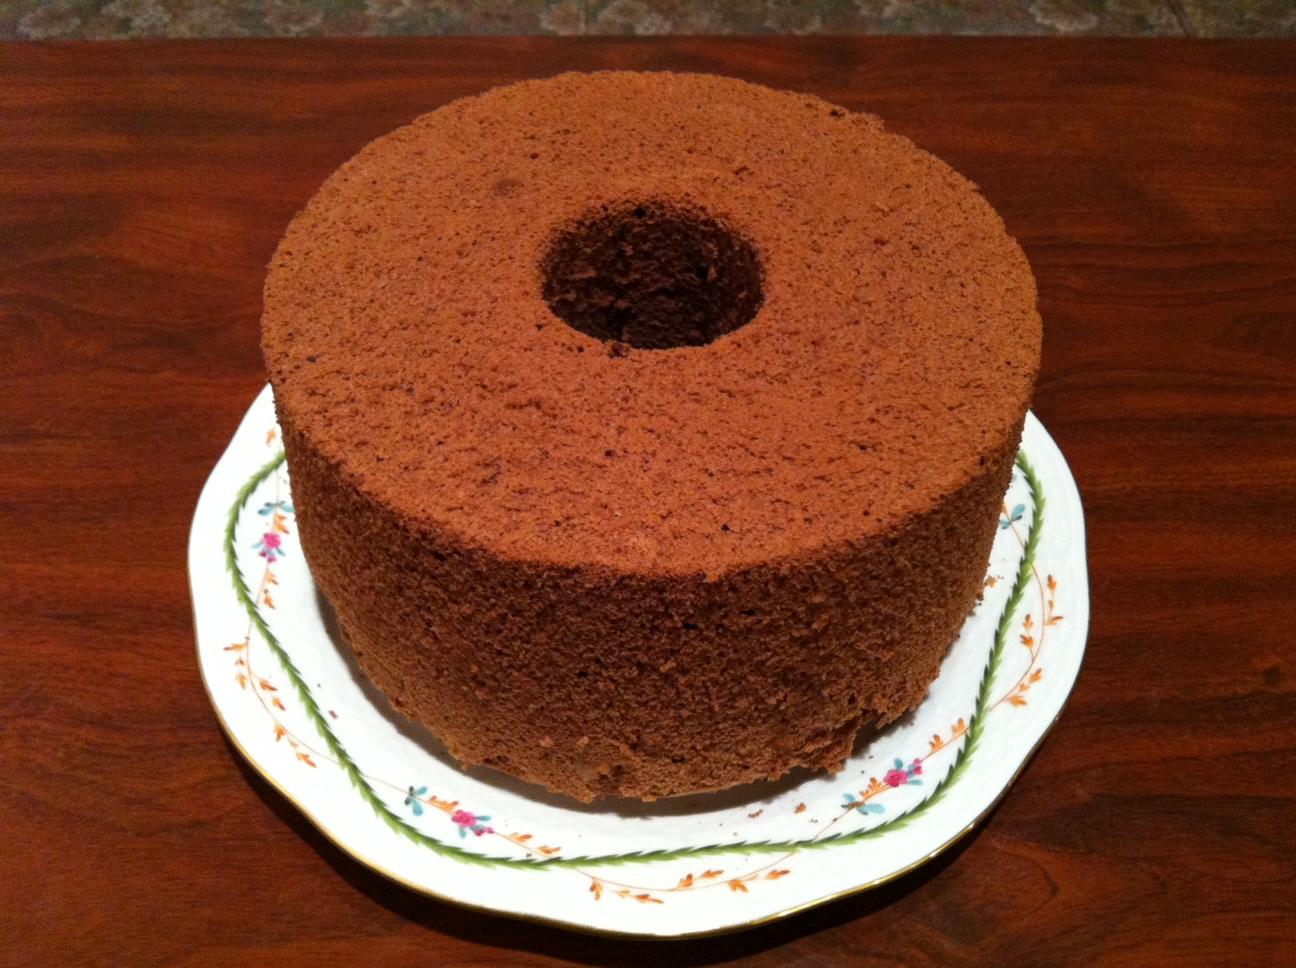 無添加 手作りシフォンケーキ [北海道産てんさい糖使用]【ココア】